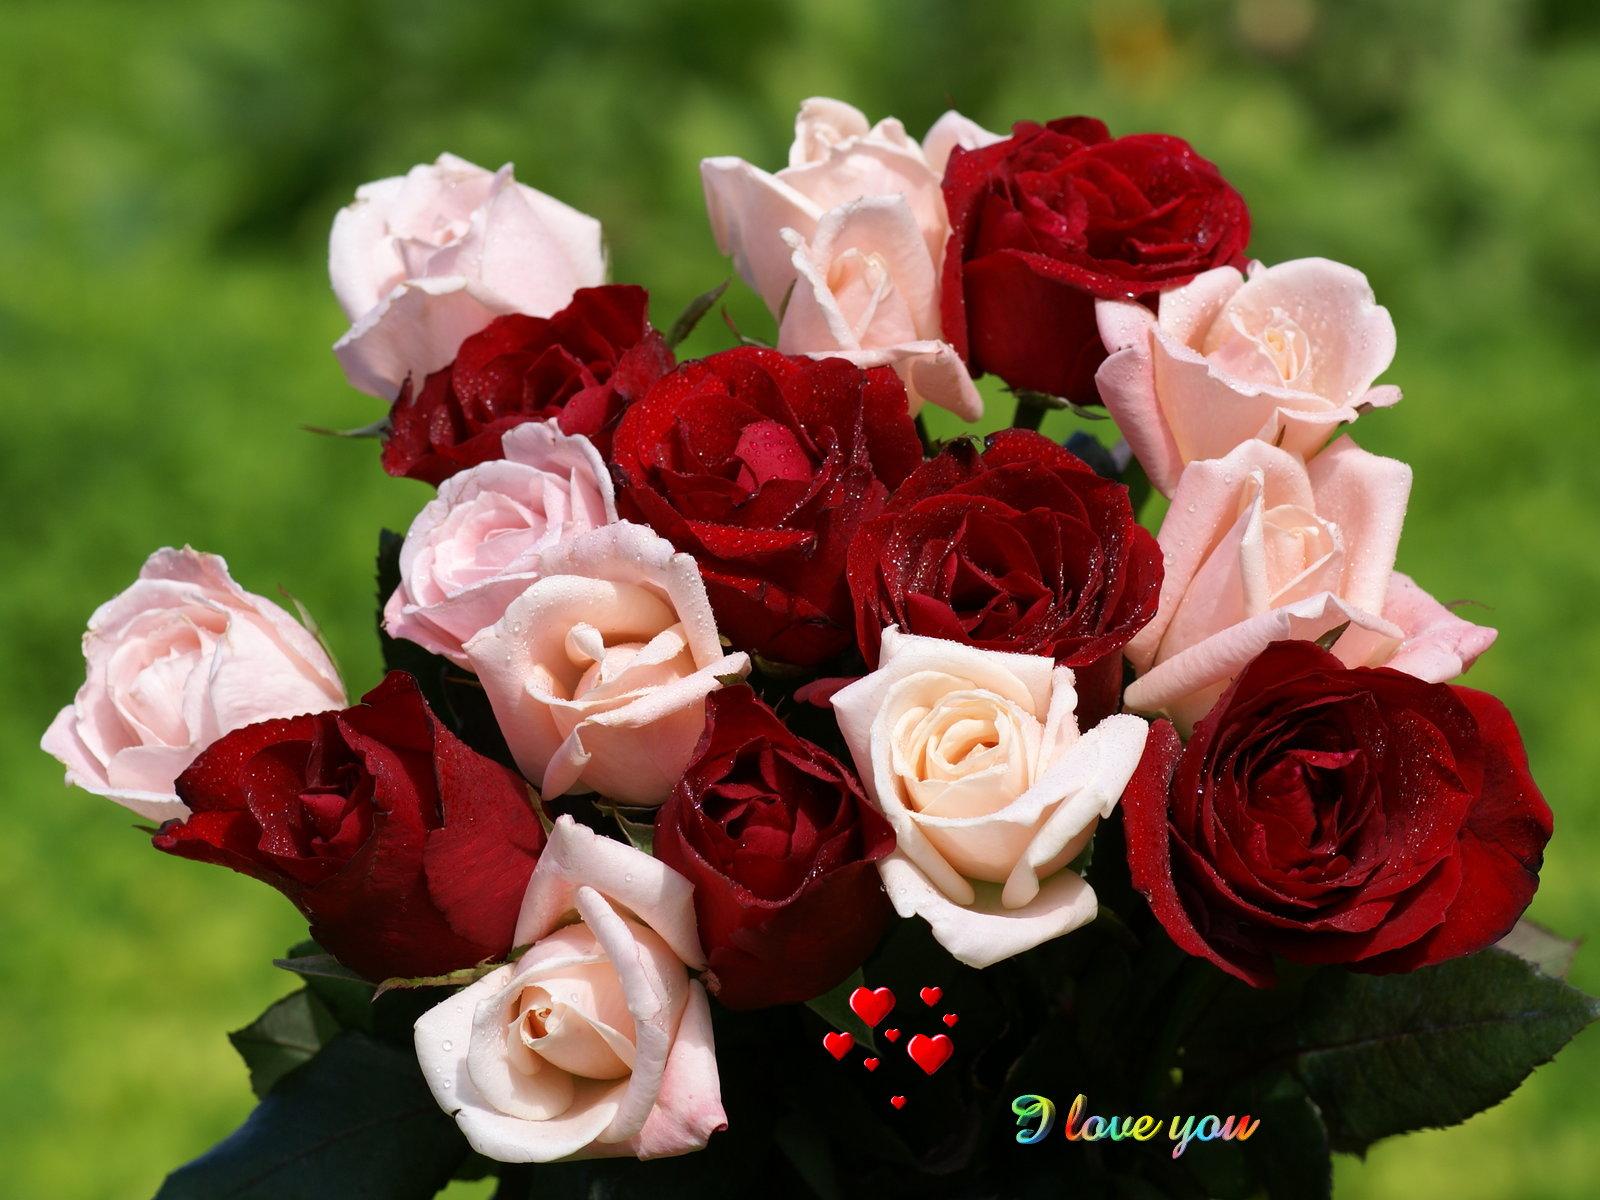 بالصور صور ورد طبيعي , اجمل الورود الطبيعيه باشكالها المختلفه 1054 4